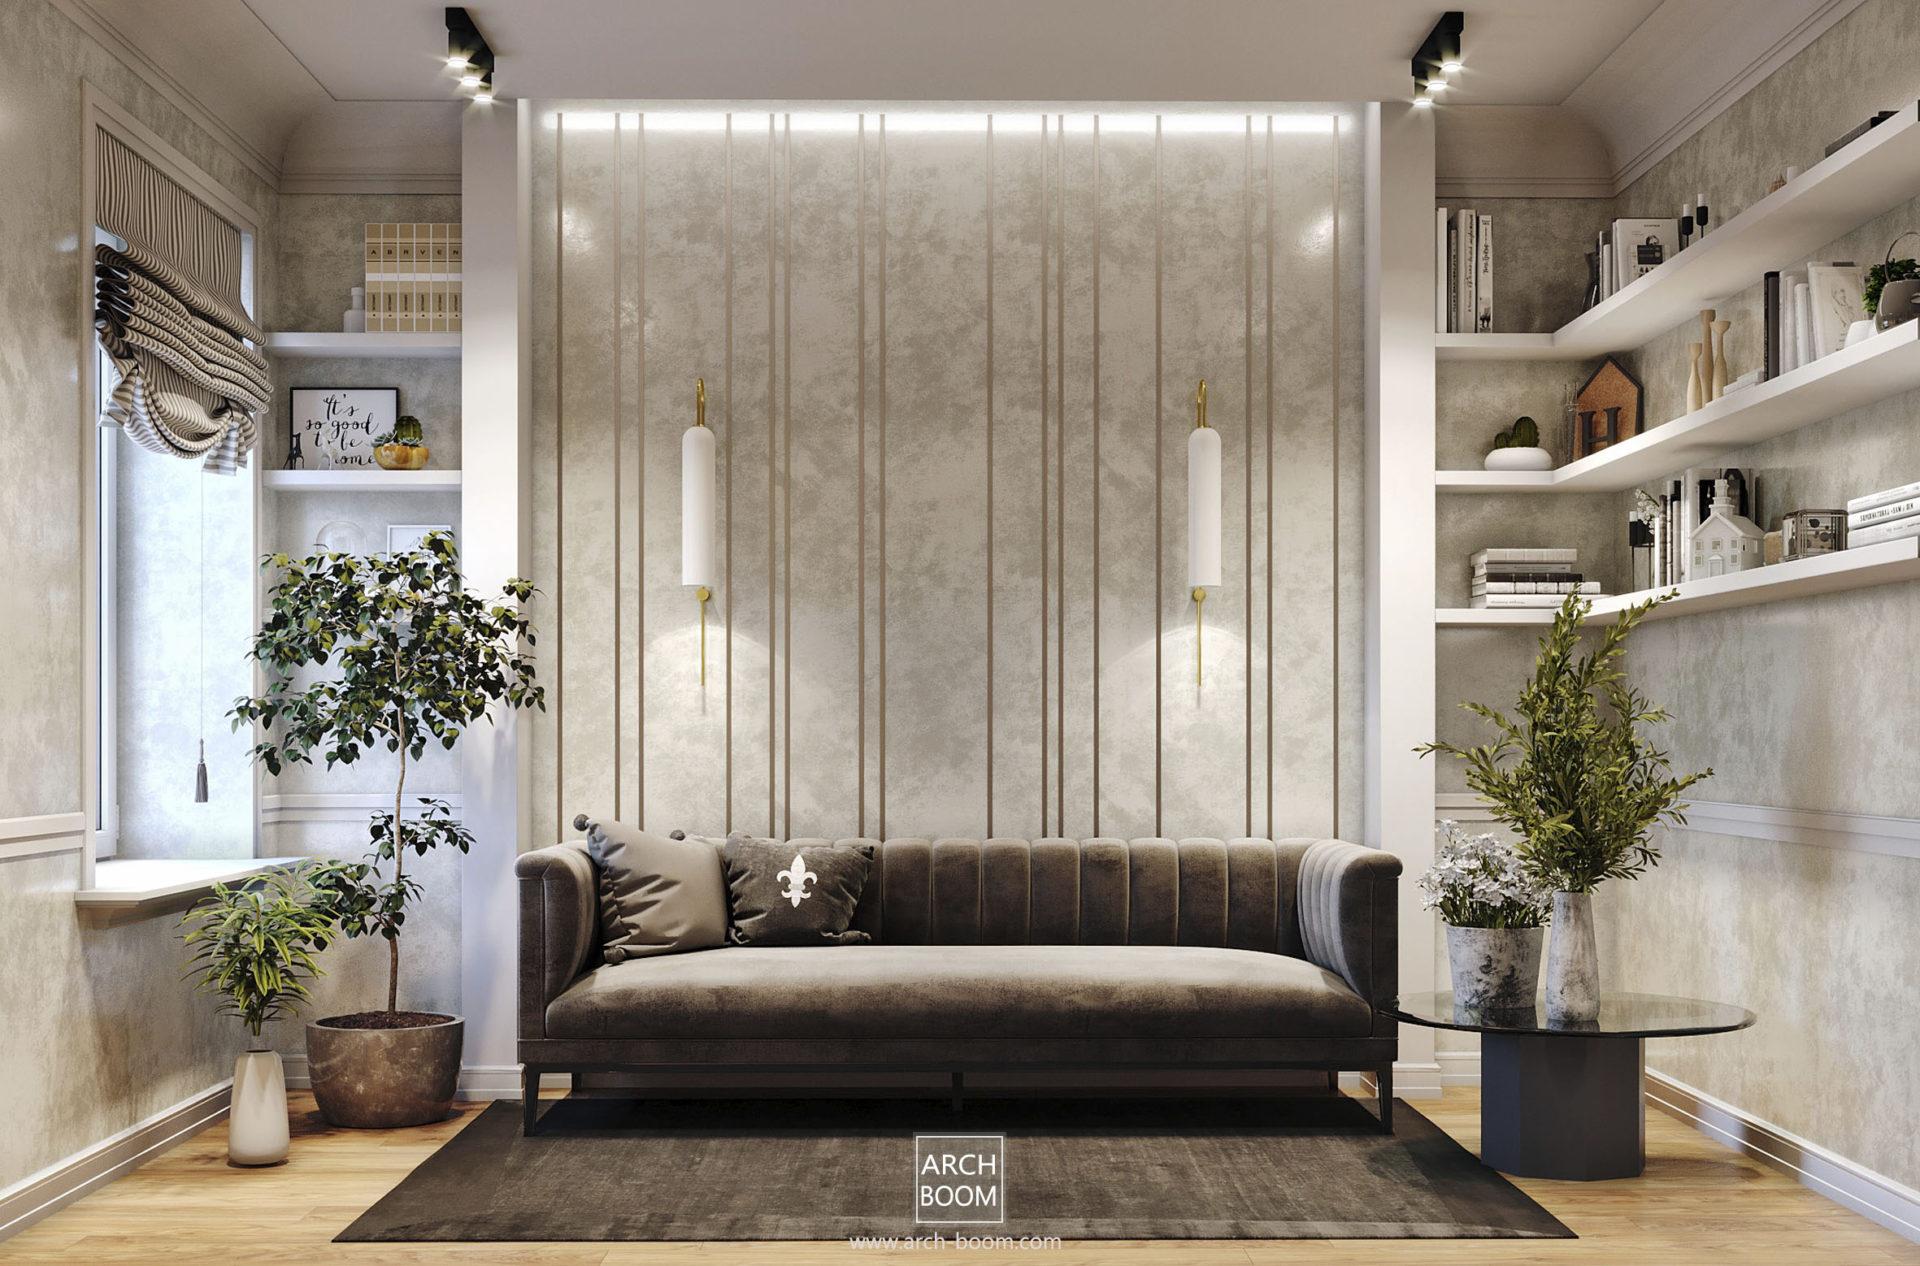 aranżacja strefy z kanapą elegancko